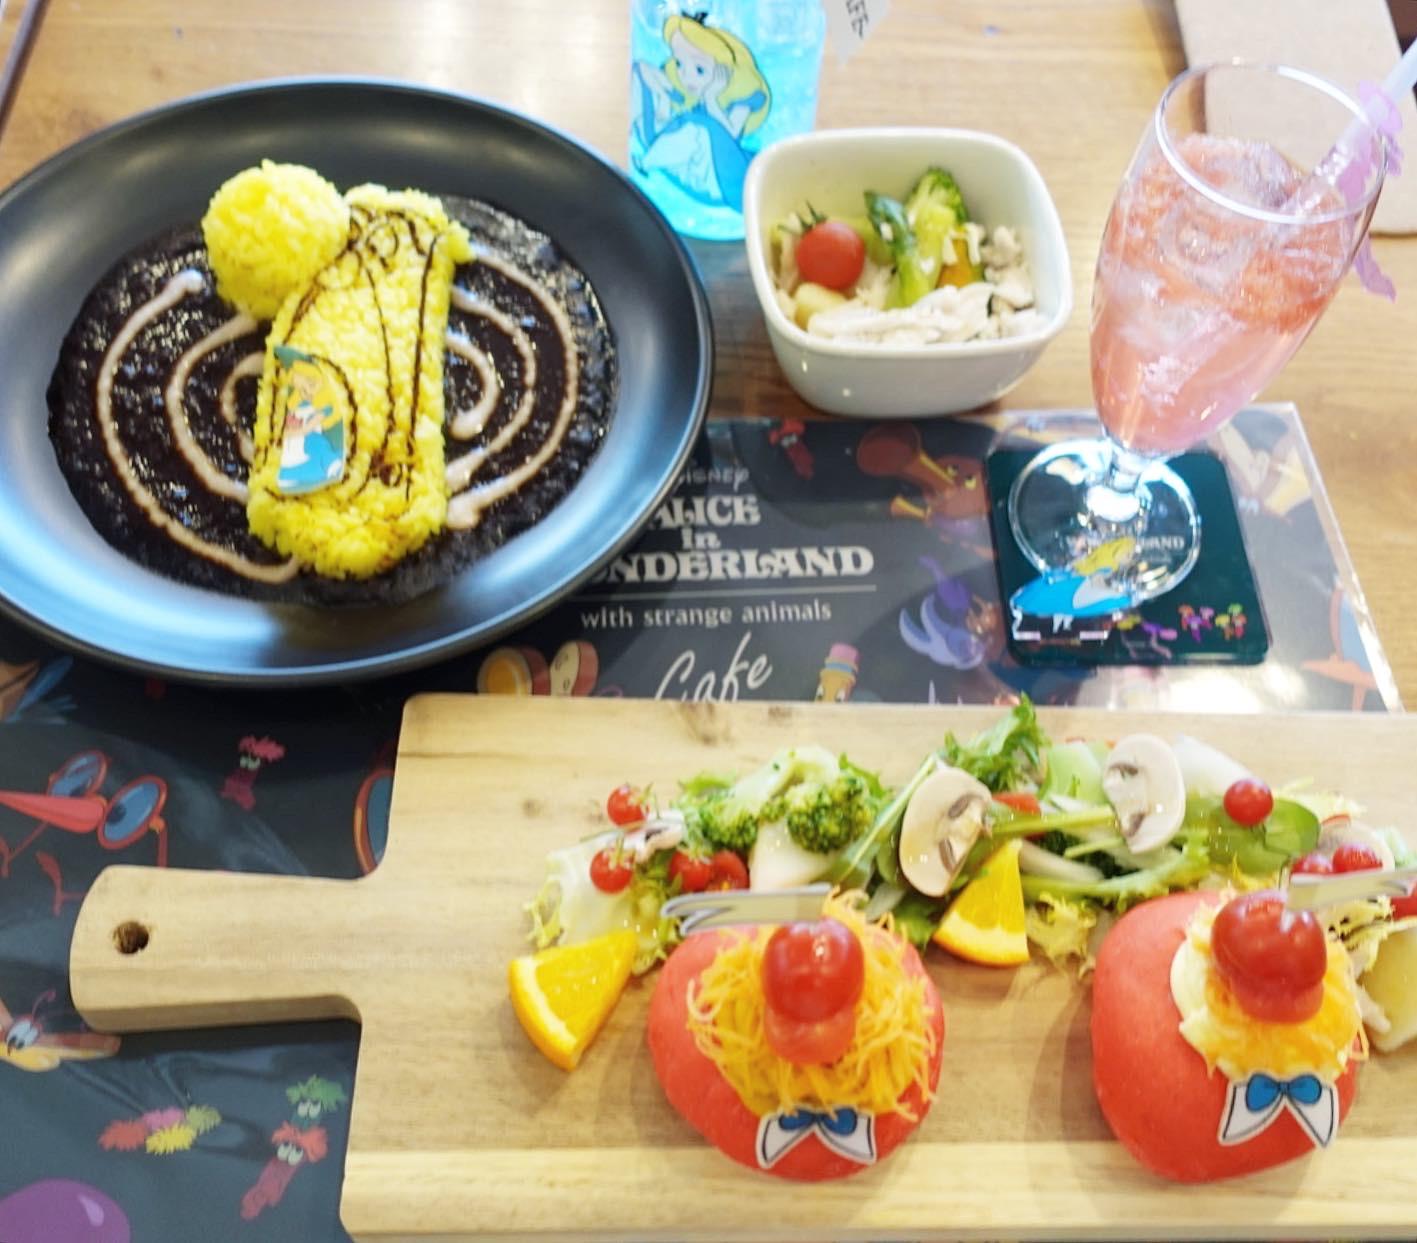 ふしぎの国のアリス好き必見!ふしぎの国のアリスカフェが大阪で開催中!ヘルシーメニュー満載の「OH MY CAFE」でアリスの世界観を堪能できちゃいます★_3